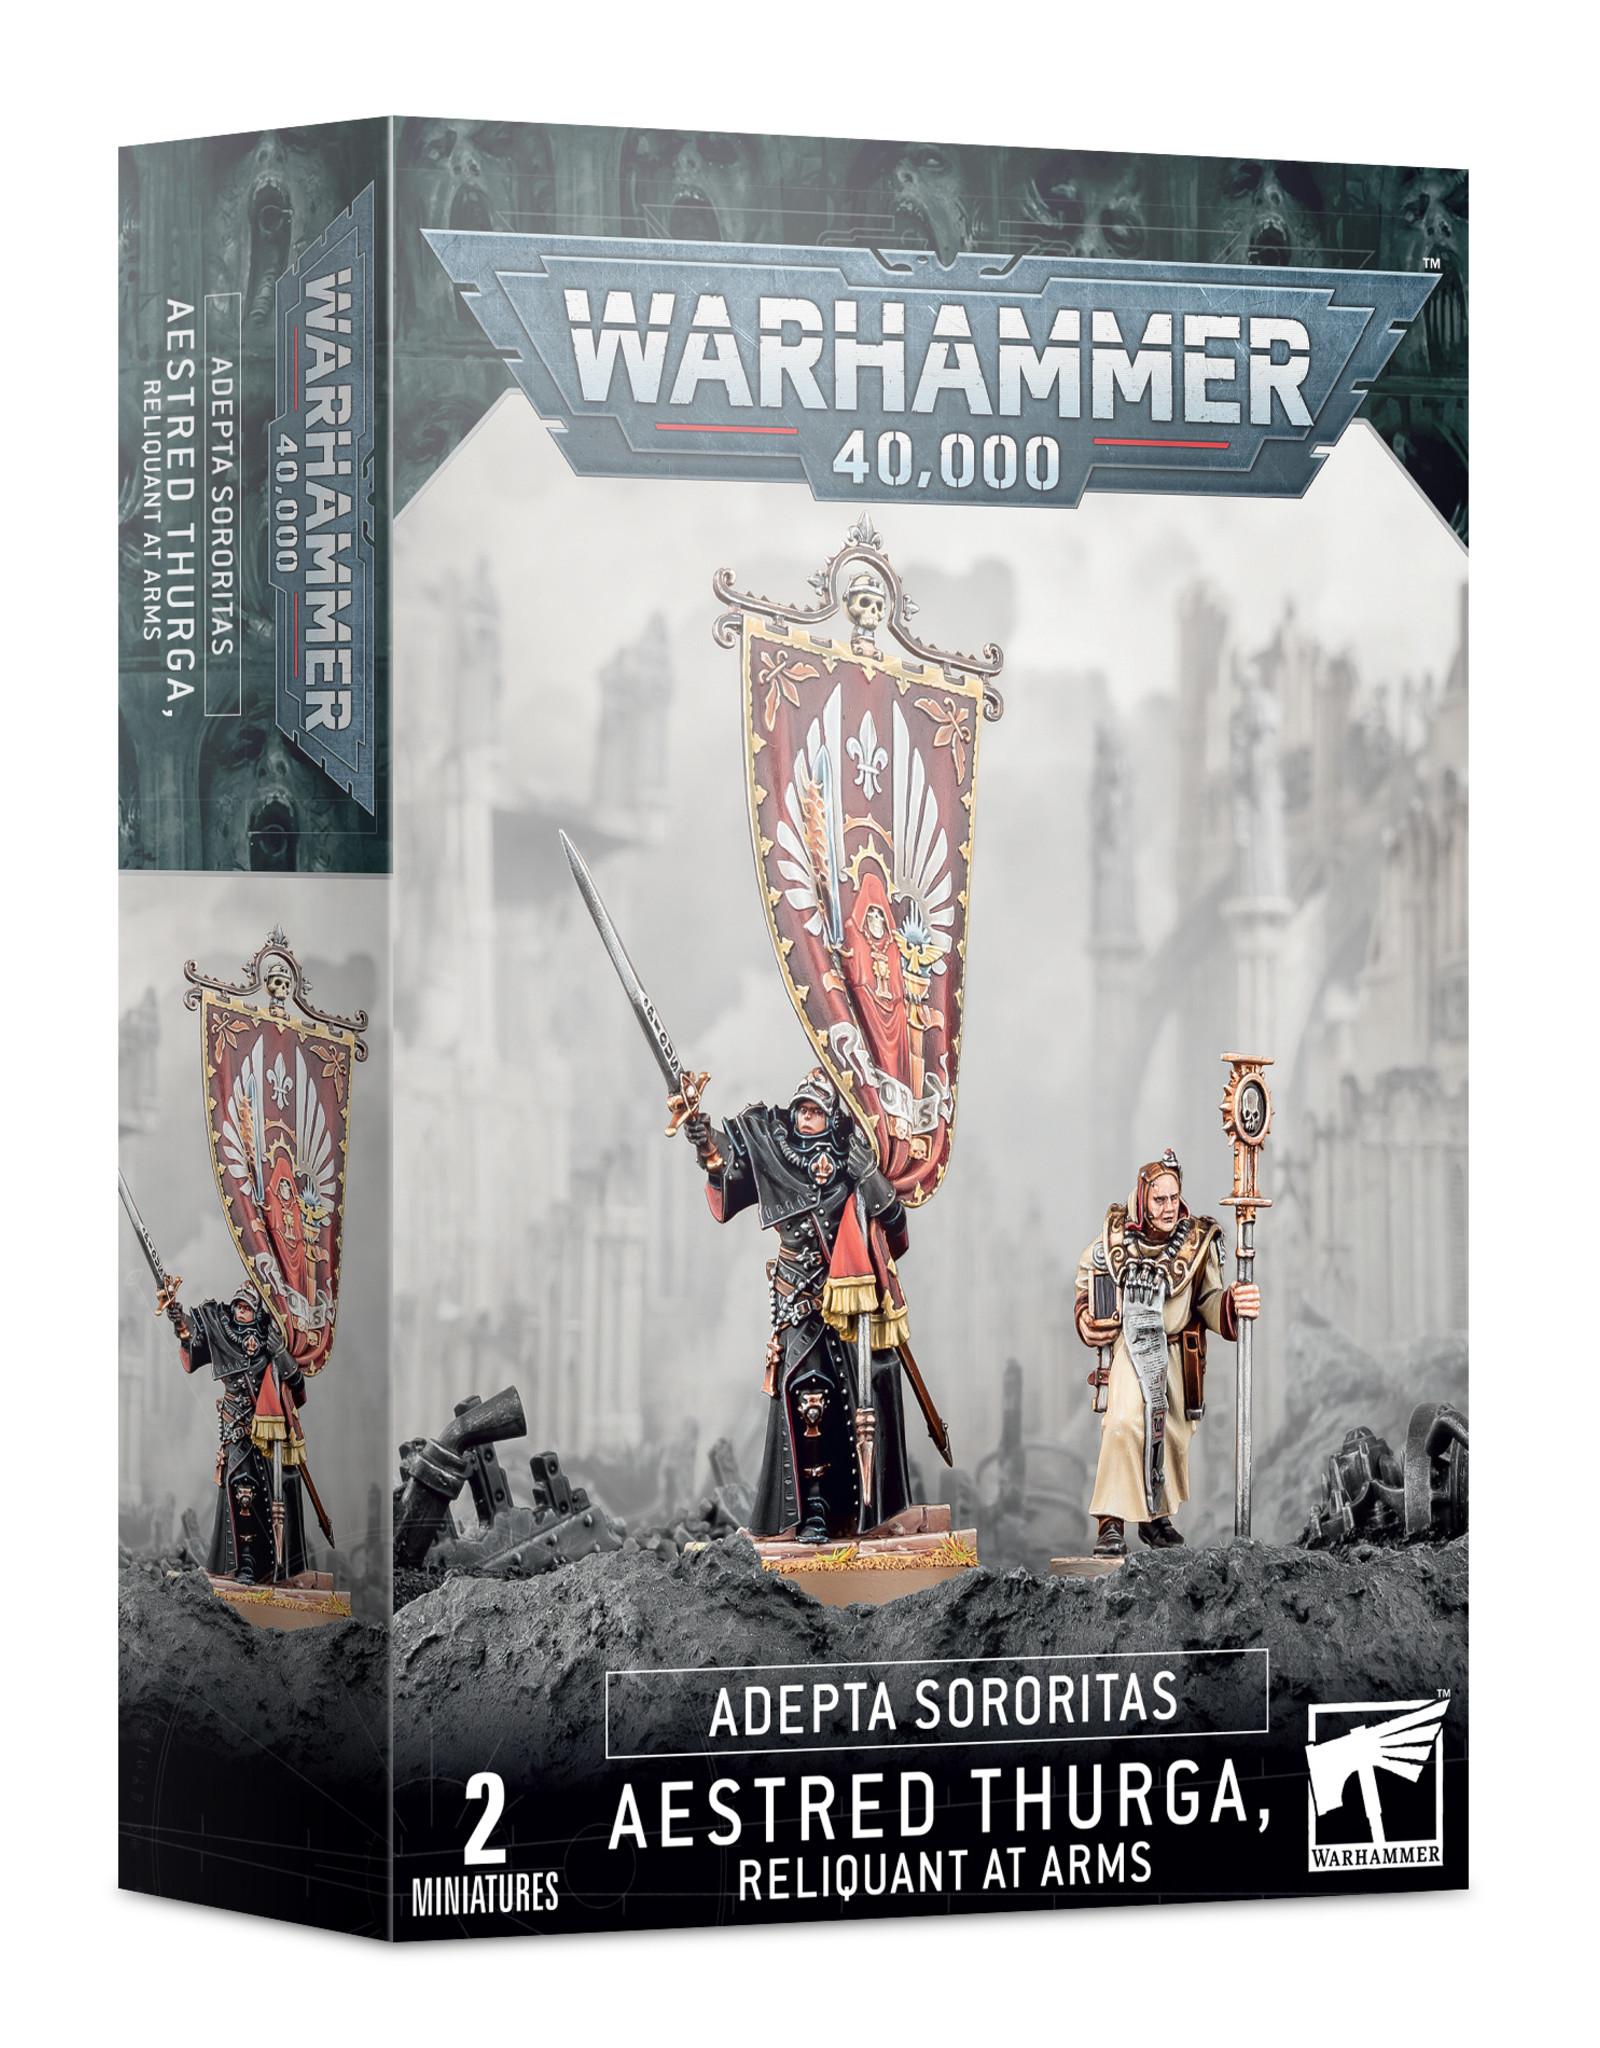 Games Workshop Adepta Sororitas Aestred Thurga, Relinquant at Arms